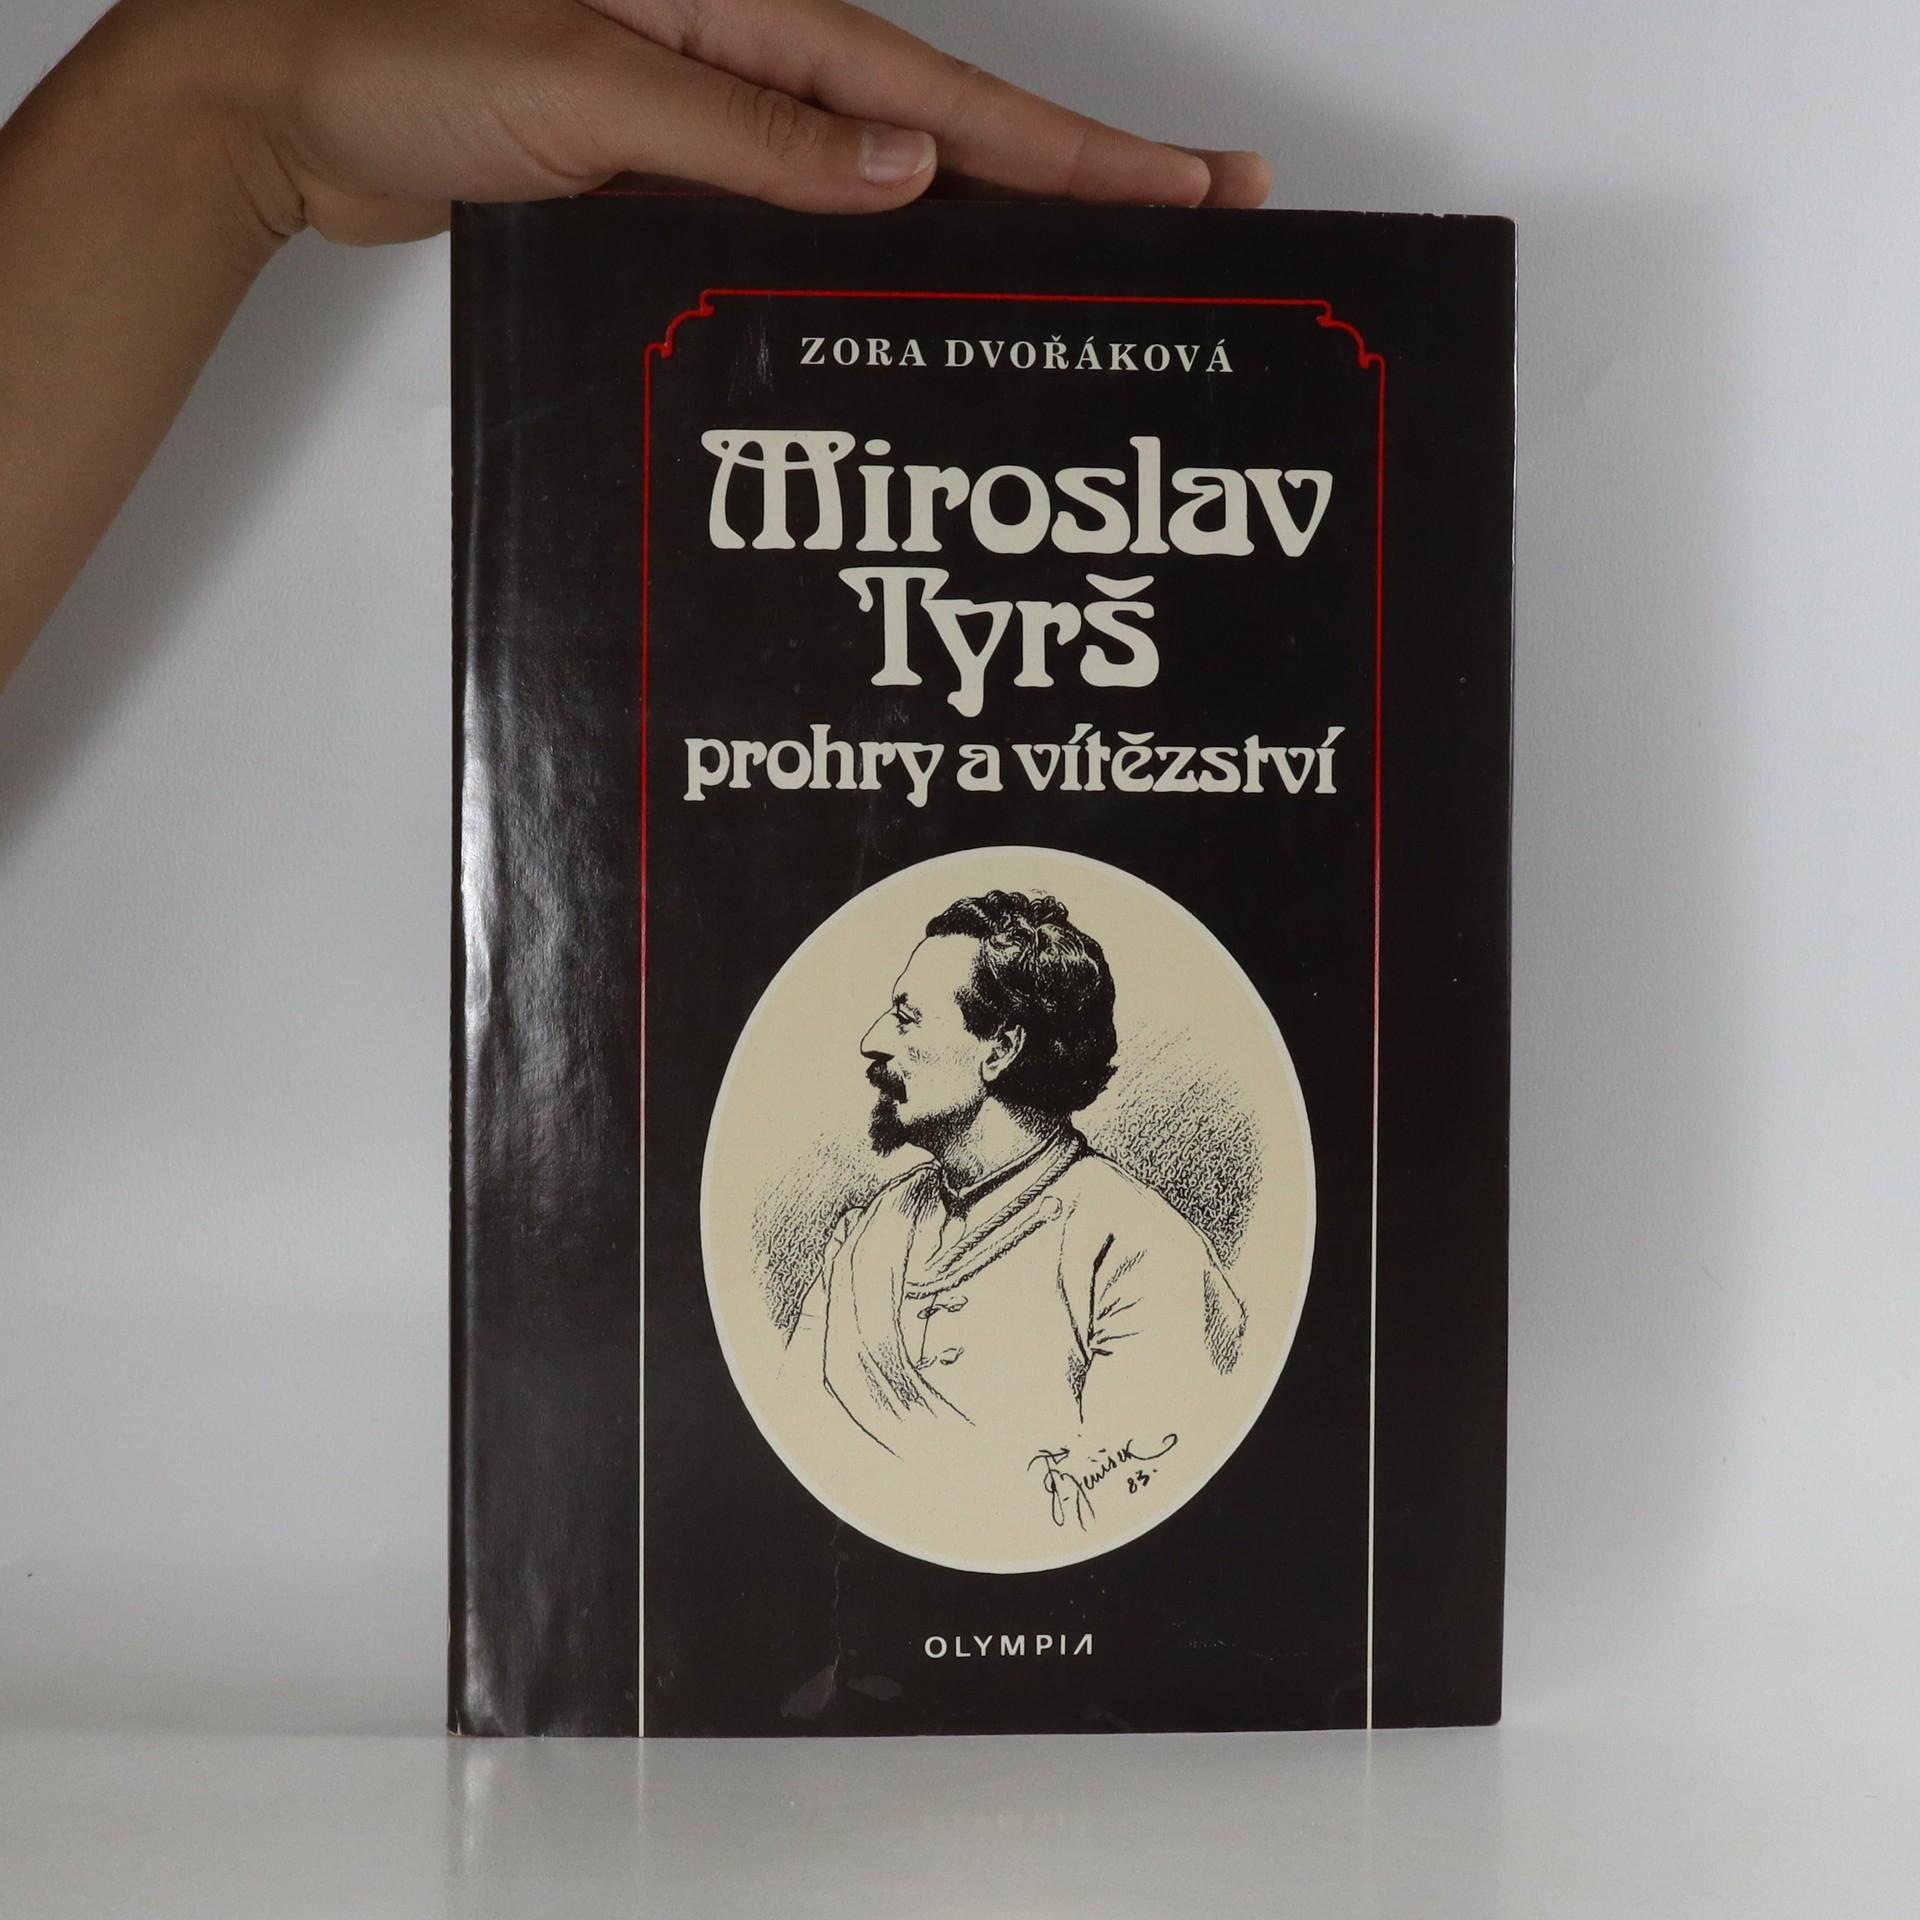 antikvární kniha Miroslav Tyrš. Prohry a vítězství, 1989